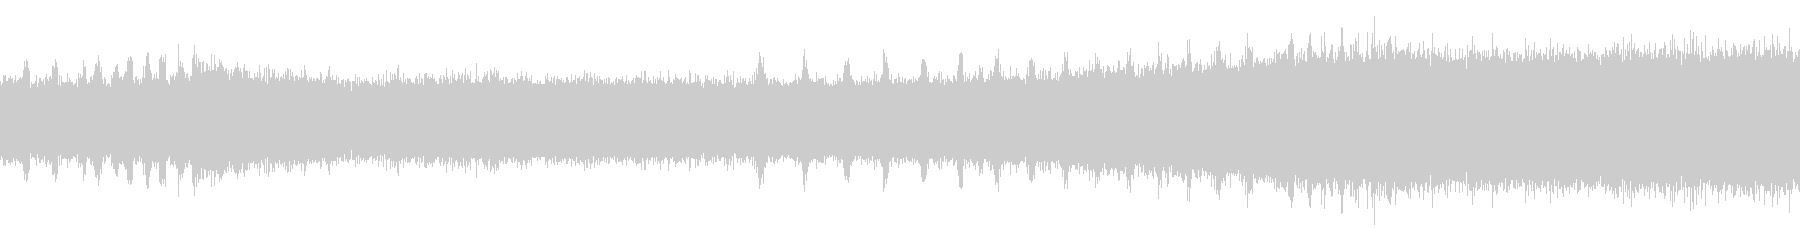 ツクツクボウシの鳴き声(遠距離で合唱)の未再生の波形